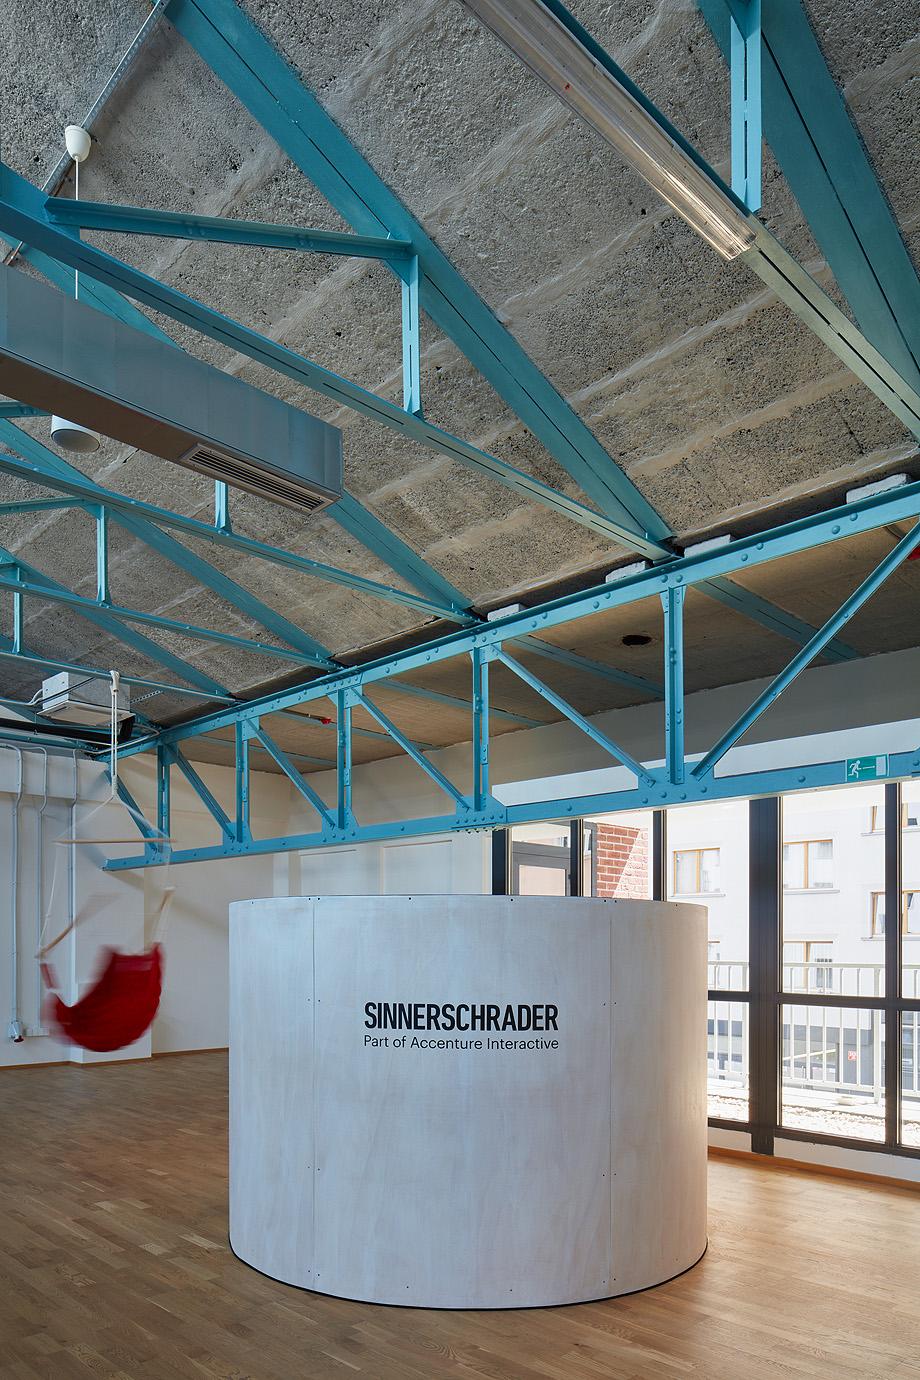 oficinas sinnerschrader por kurz architects - foto boysplaynice (6)